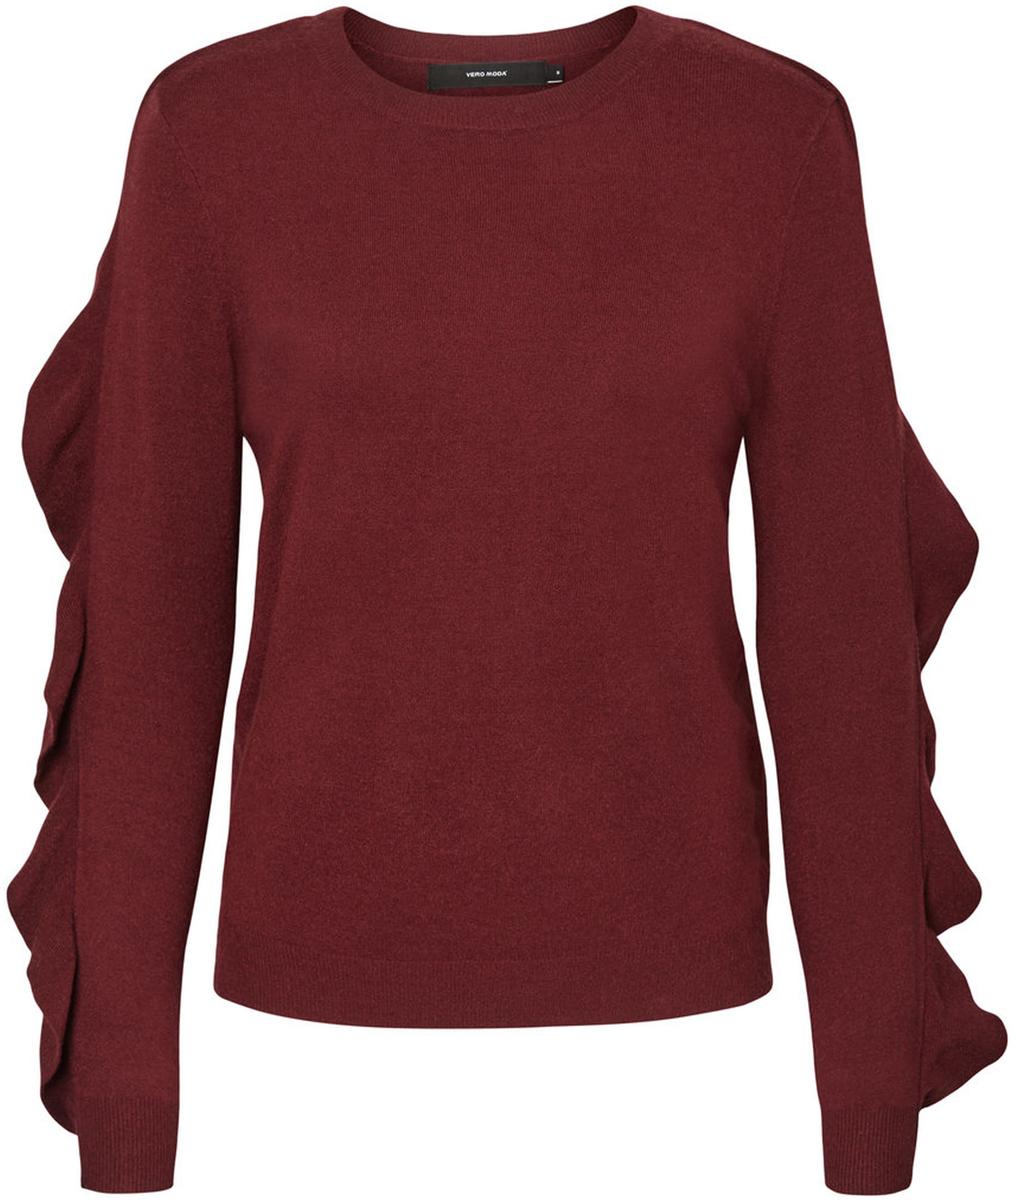 Джемпер женский Vero Moda, цвет: бордовый. 10185482_Zinfandel. Размер S (42/44) кардиган женский vero moda цвет черный светло серый 10166453 размер s 42